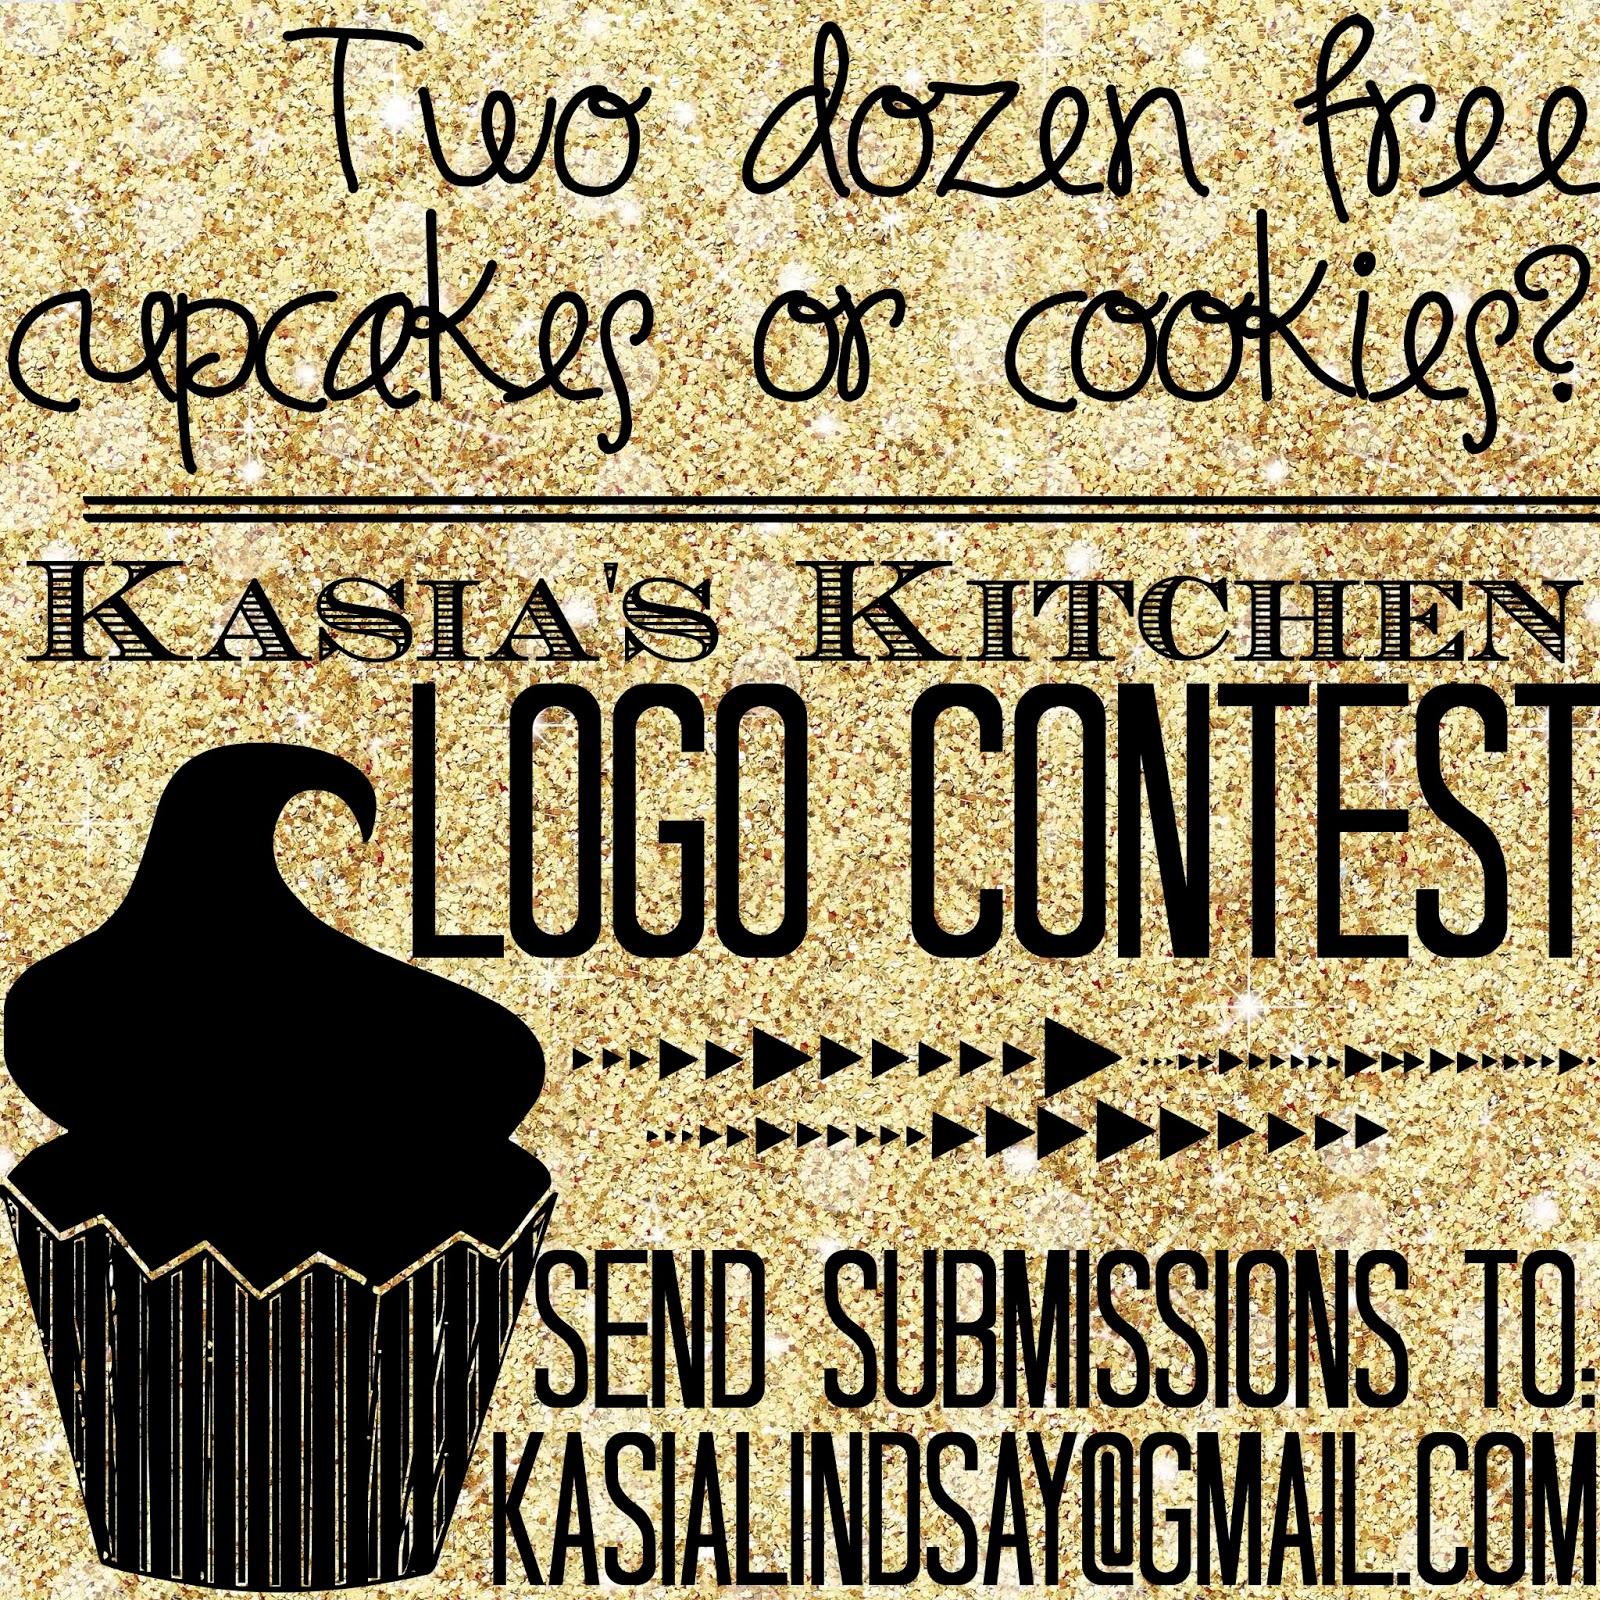 logo contest!